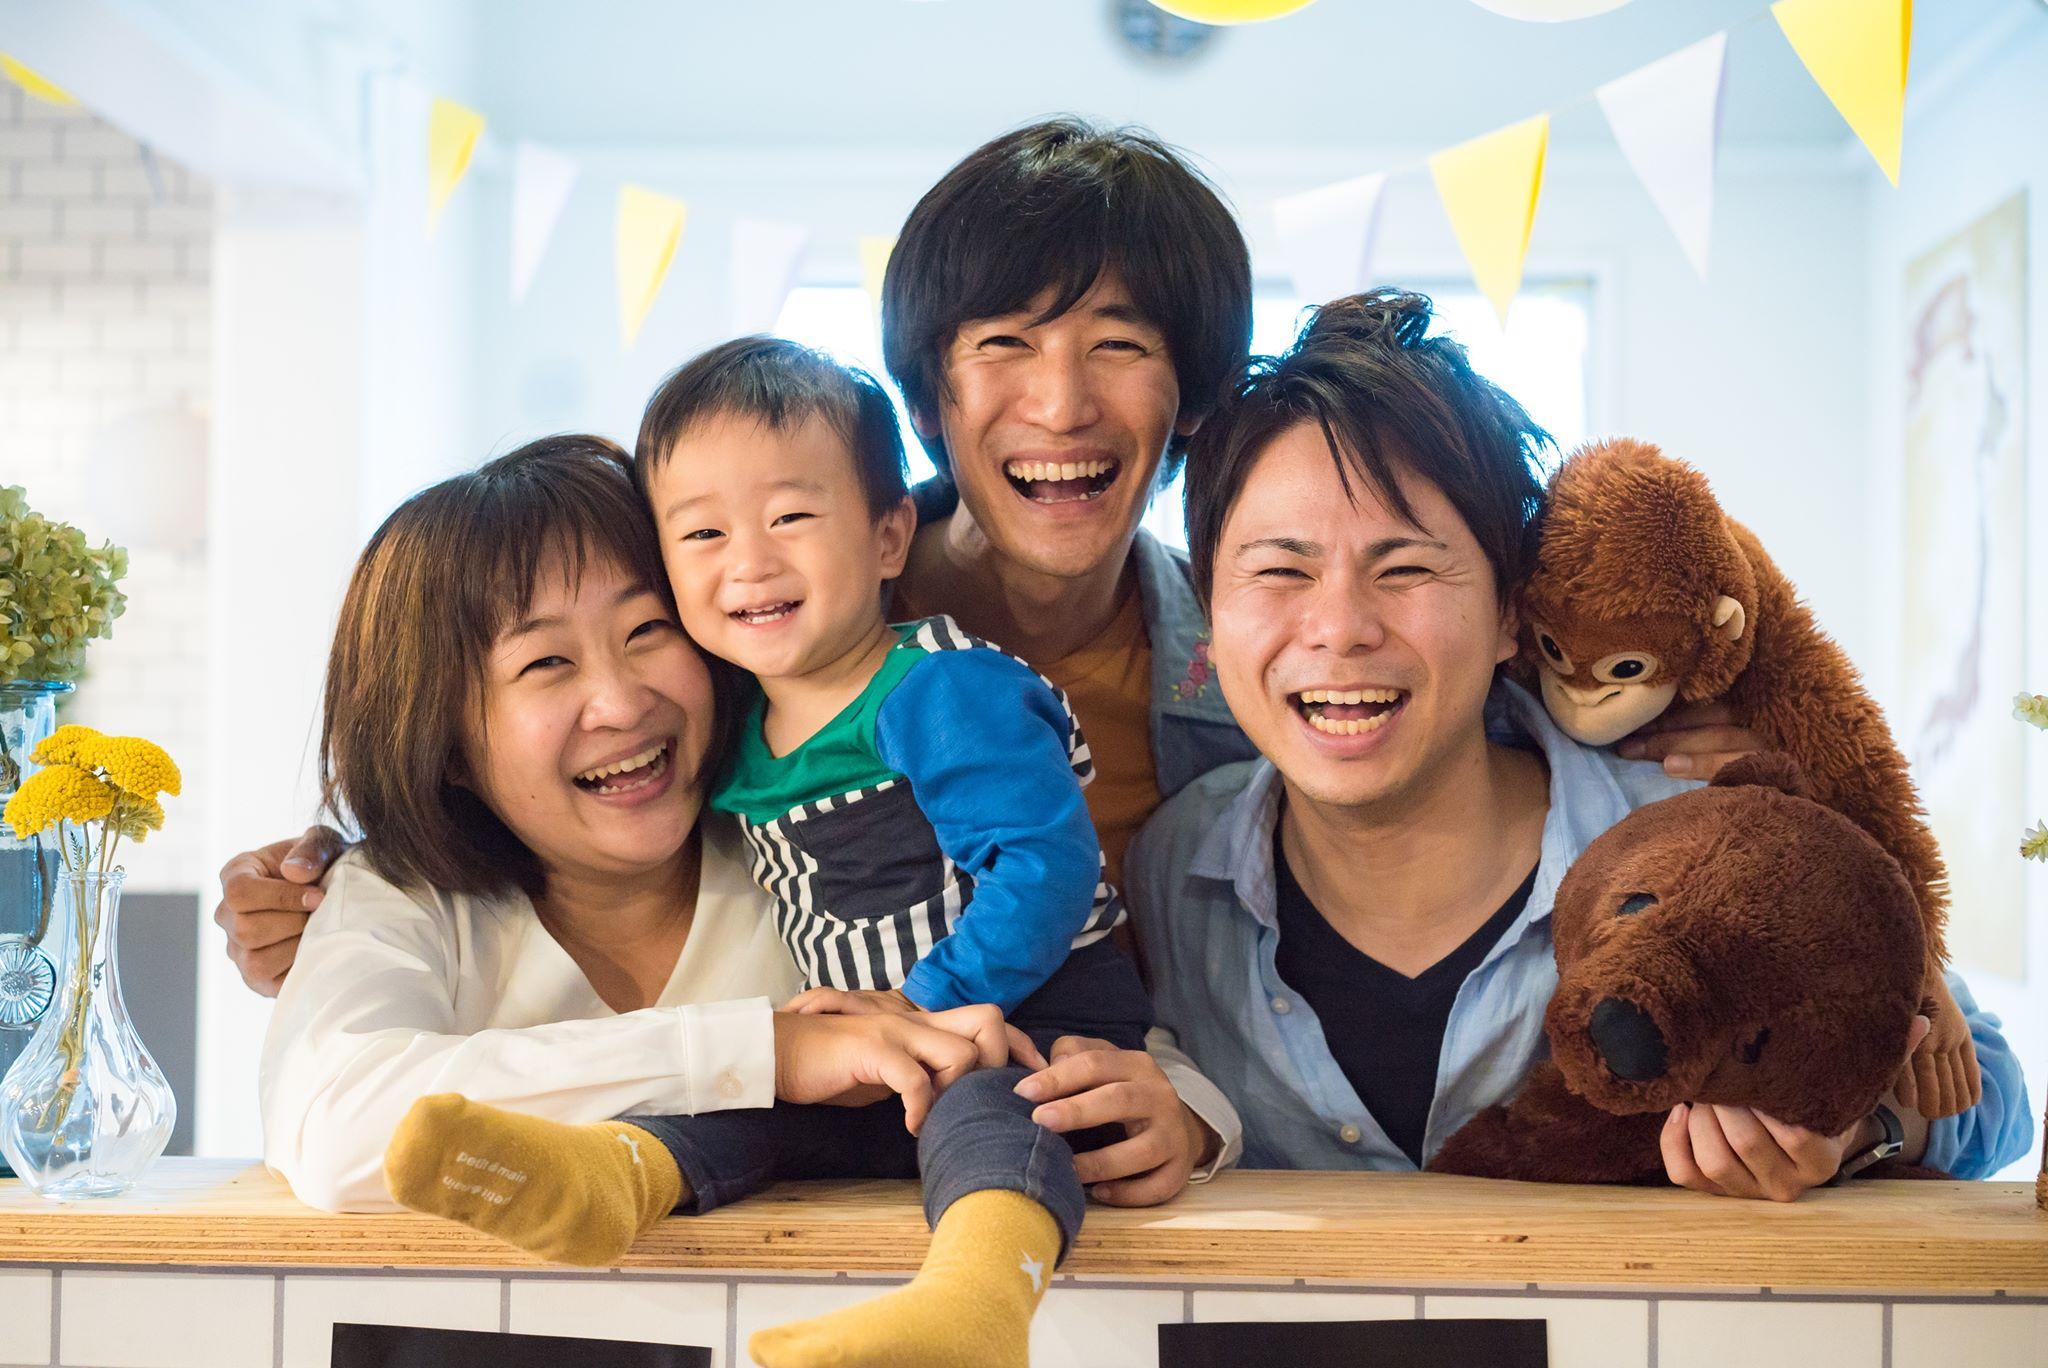 (JP) 家族はもっと身軽でいい。絆家for family「家族型国際交流シェアハウス」がスタートします